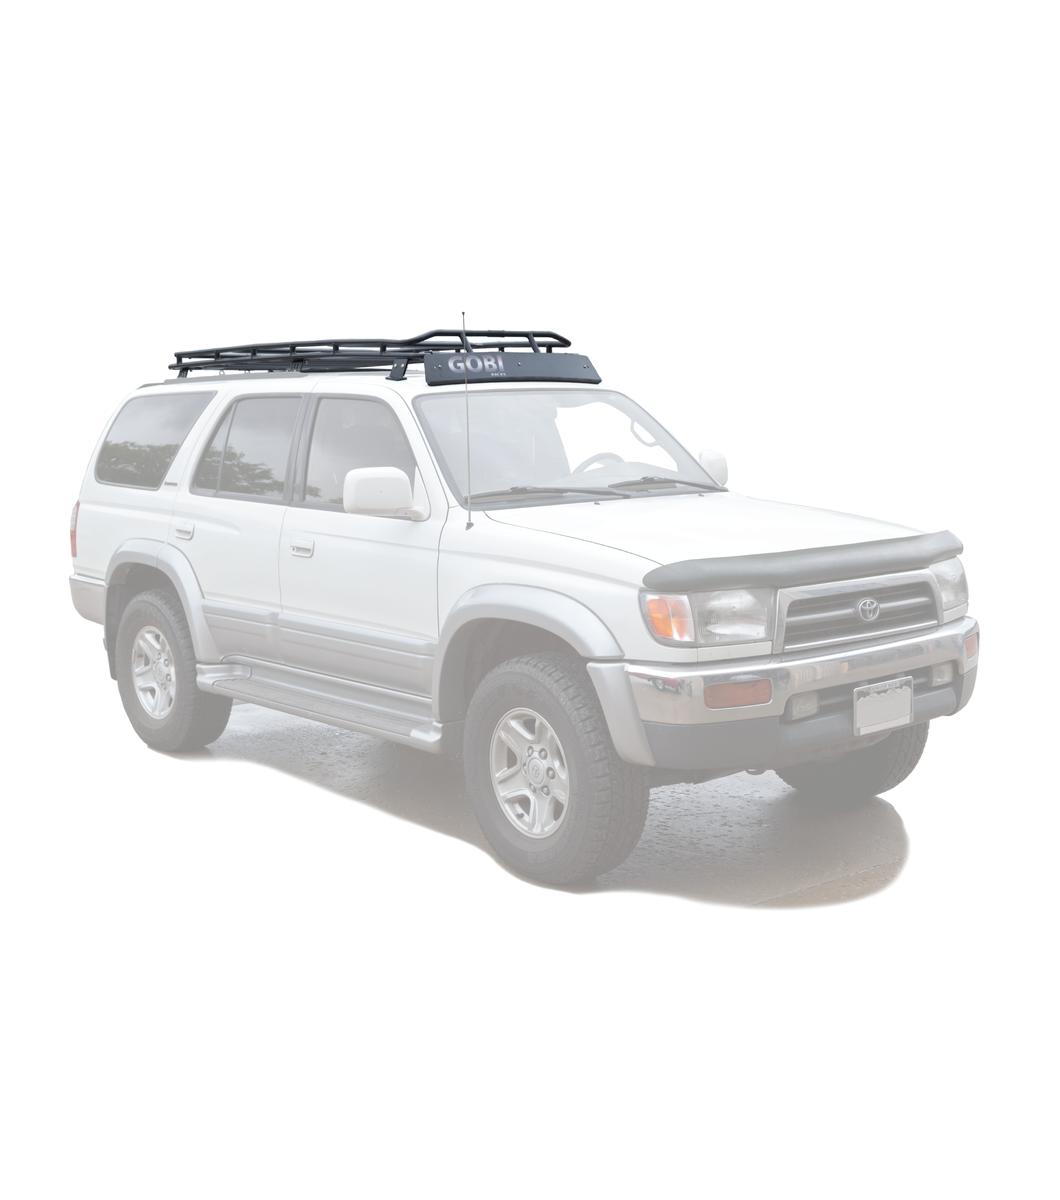 GOBI Toyota 4Runner 3rd GEN Stealth Rack. Webp.net-resizeimage-394